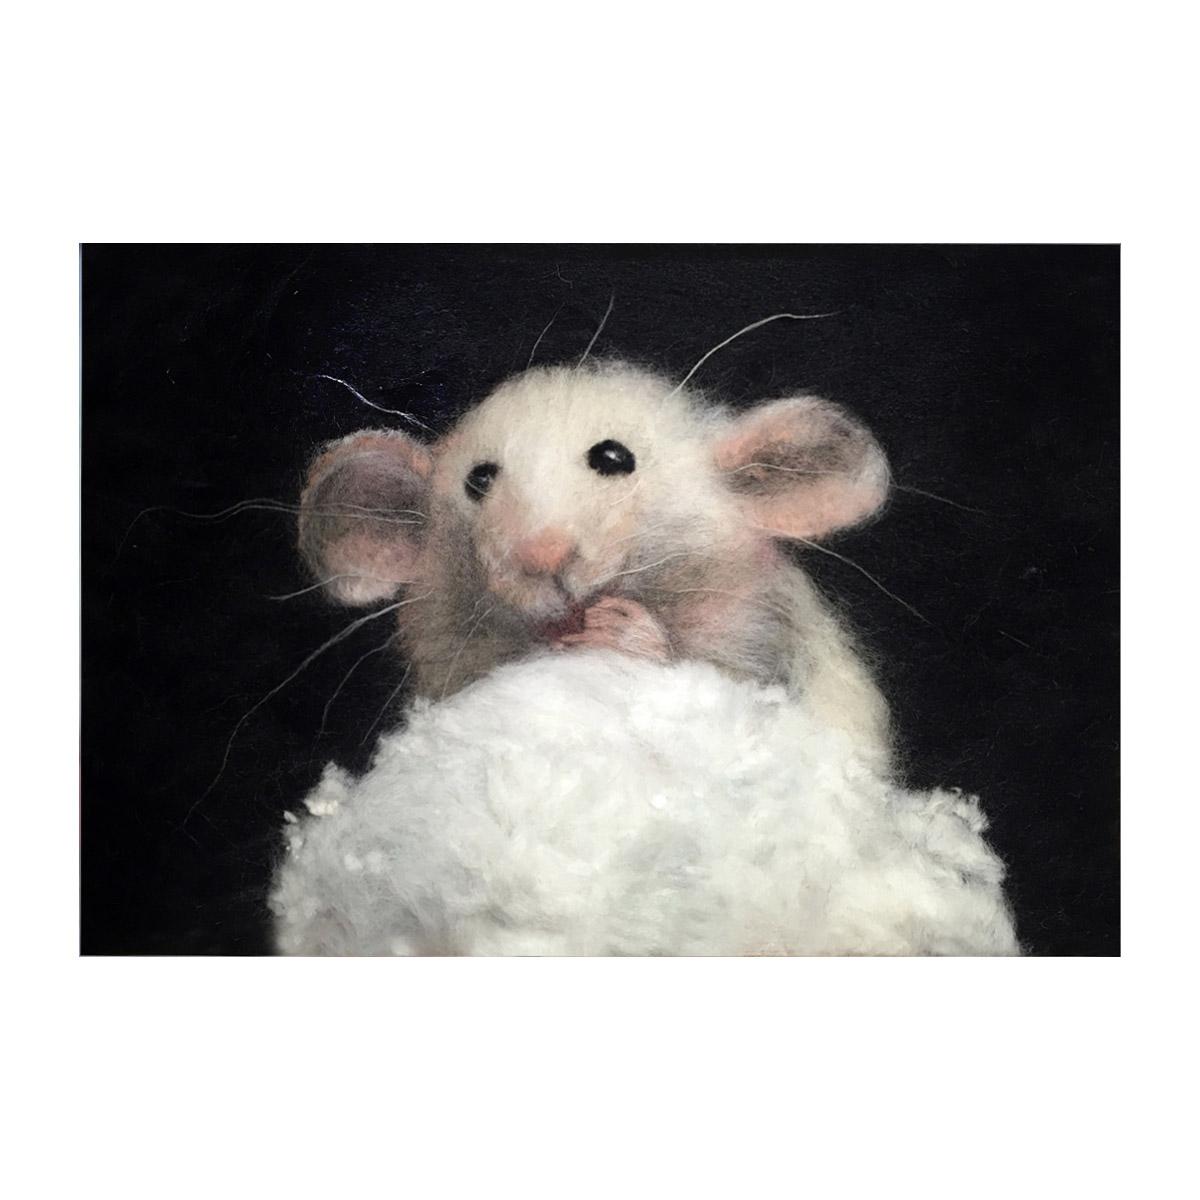 Набор для валяния (живопись цветной шерстью) 'Мышь' 21x29,7см (А4)